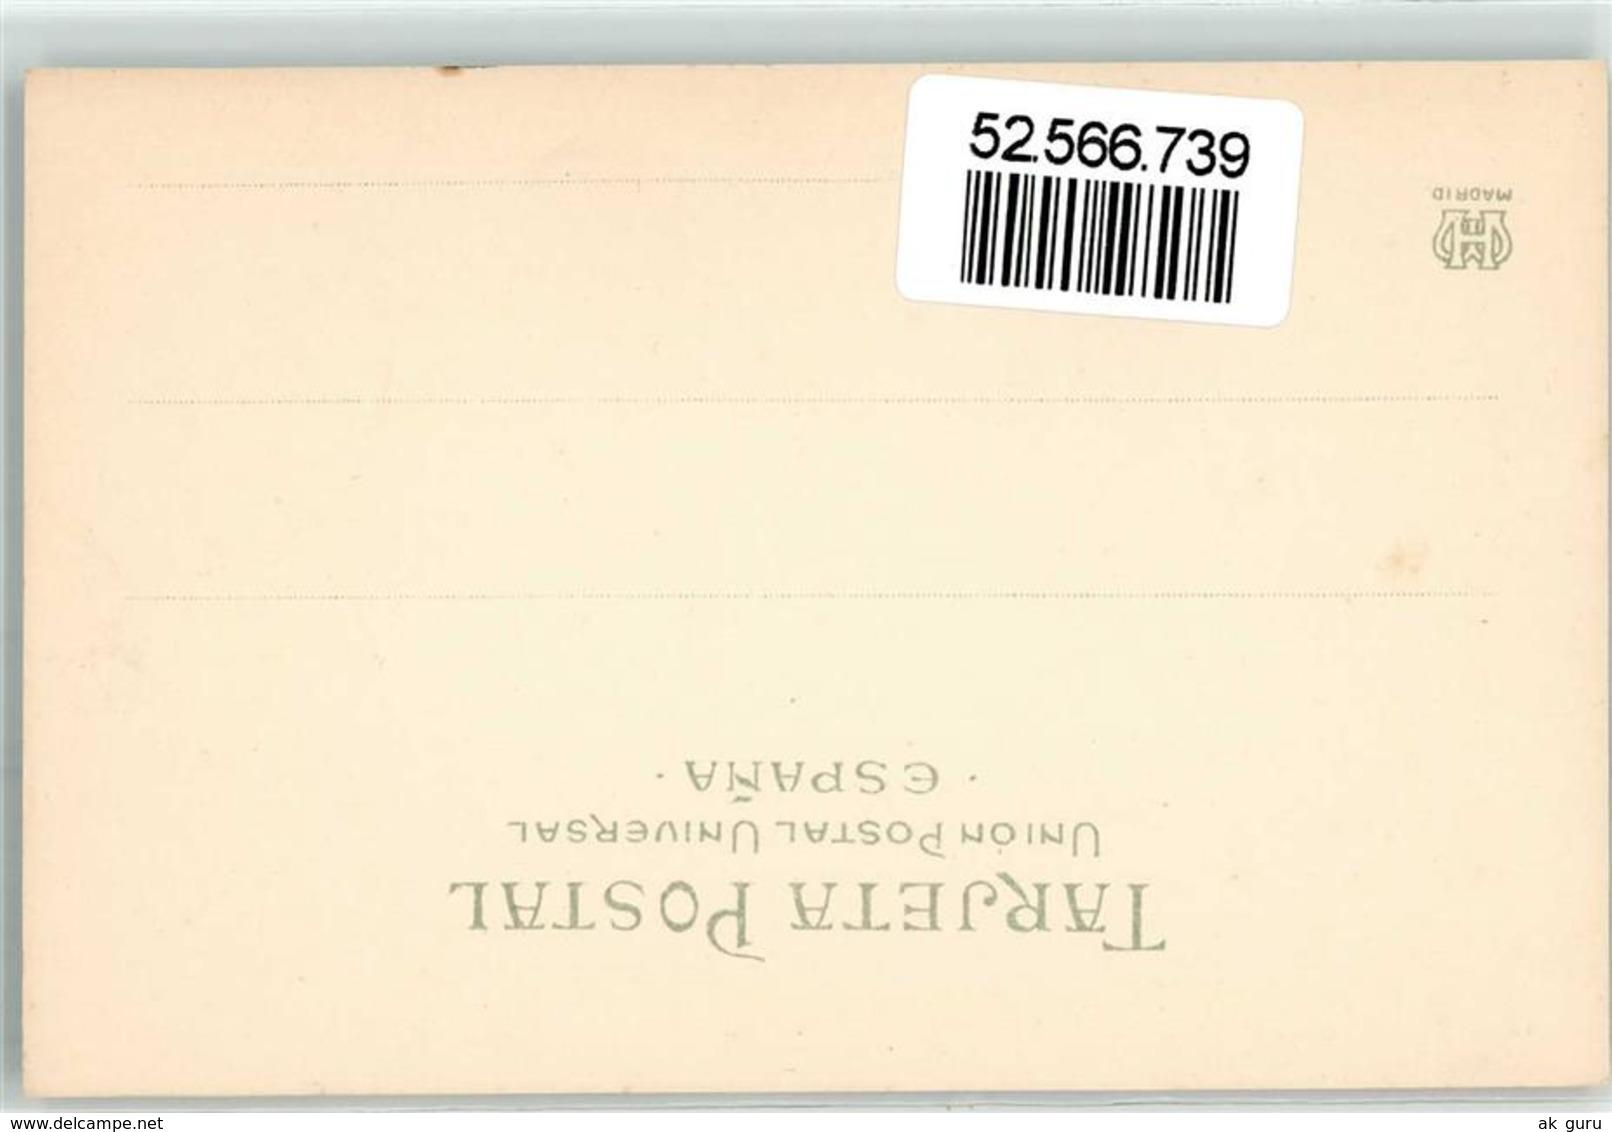 52566739 - Granada - Non Classés